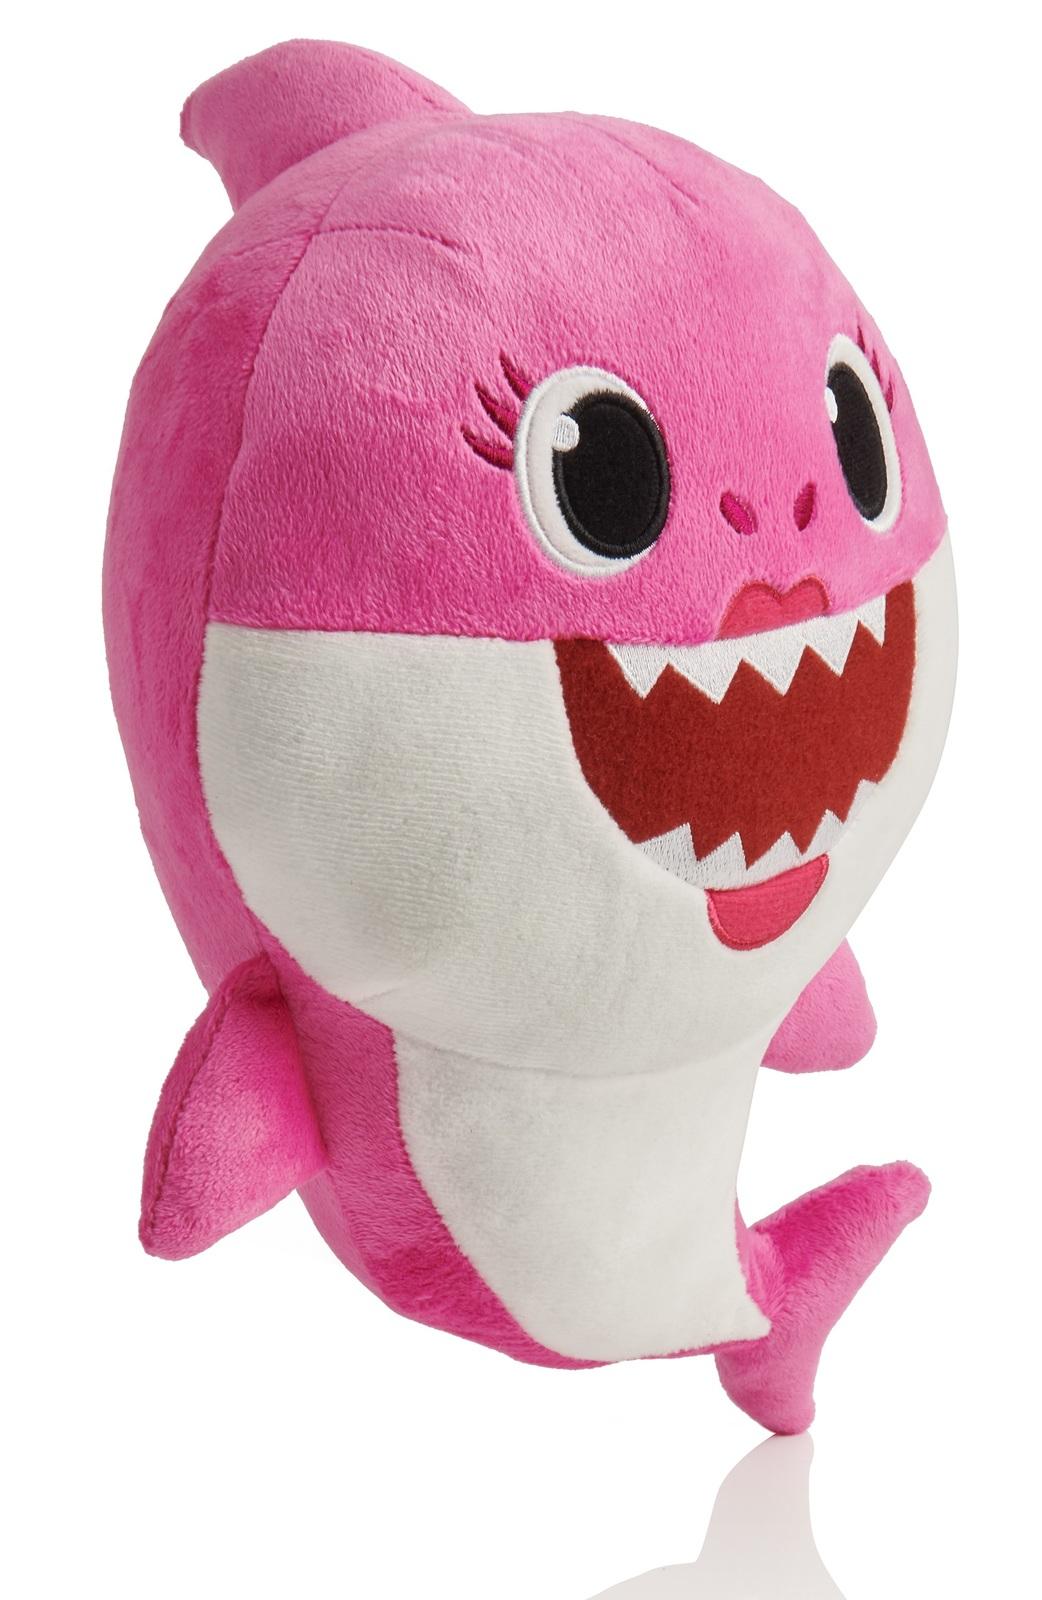 Baby Shark: Singing Plush - Mommy Shark image